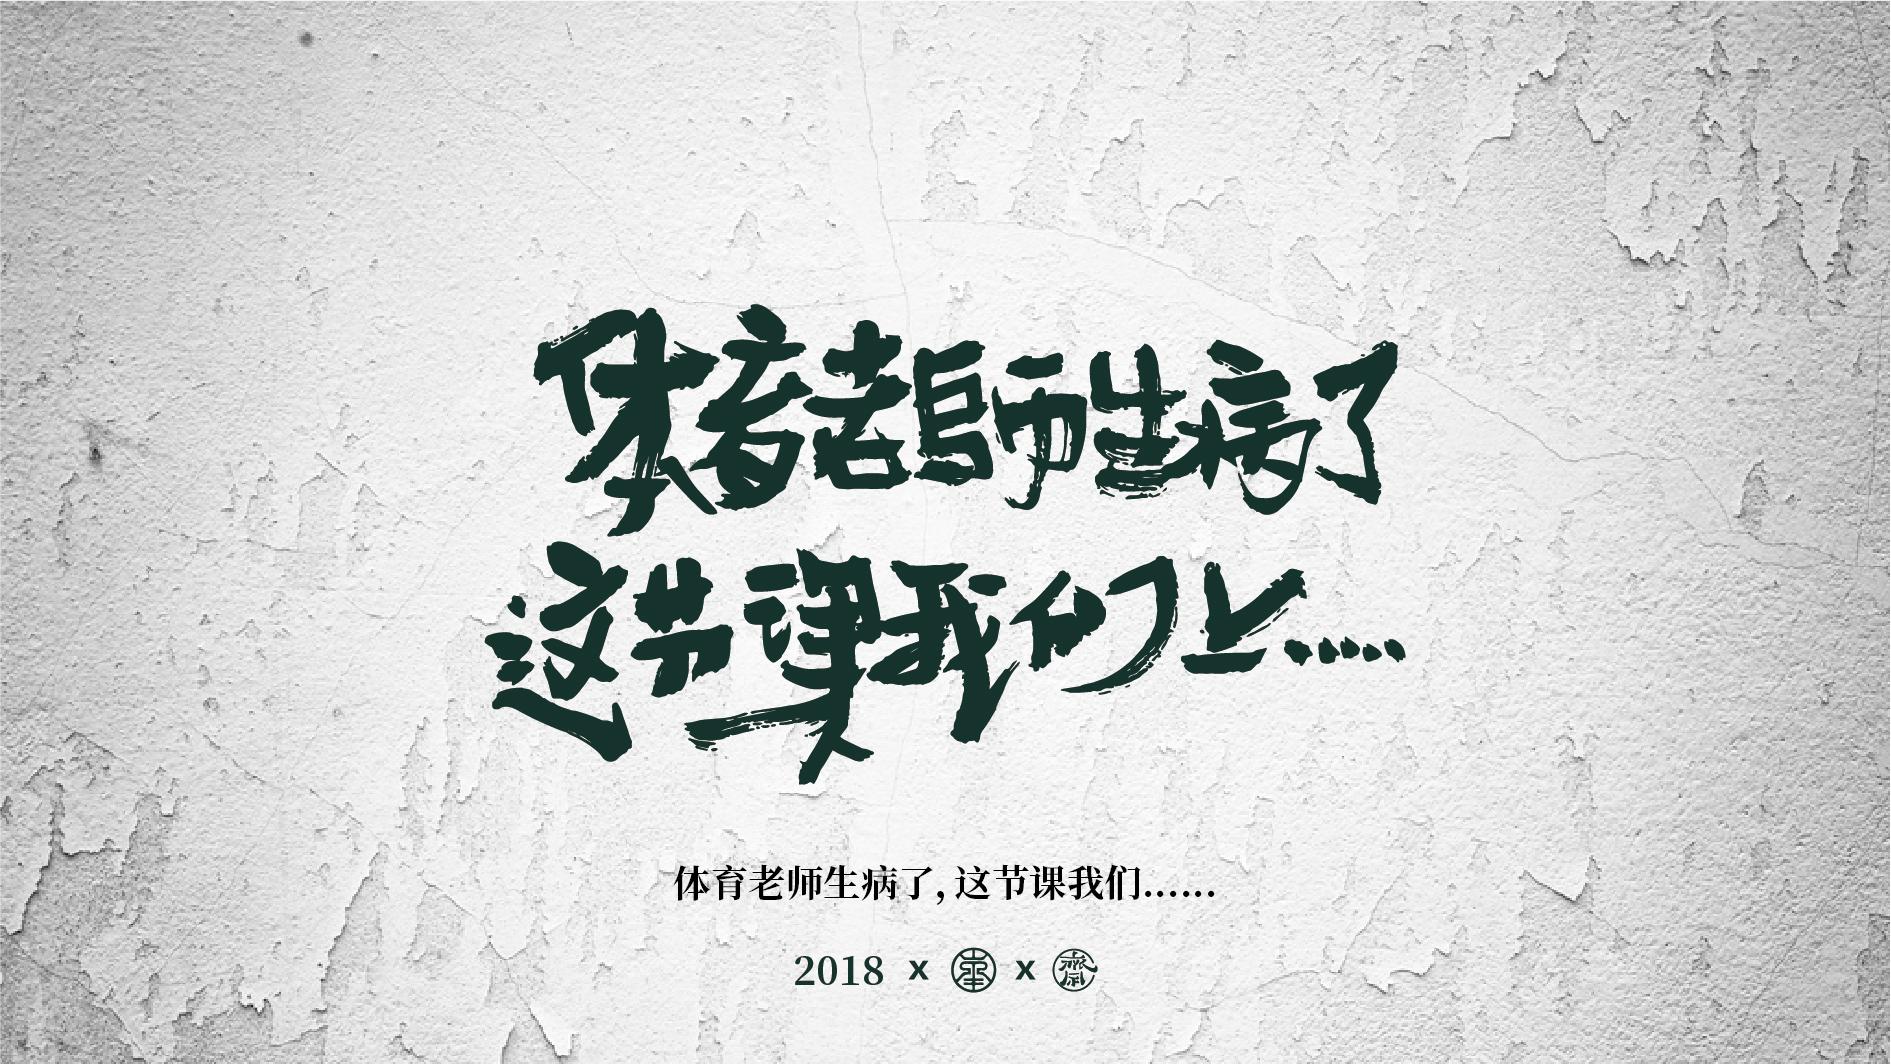 超超大神手写毛笔字第1波 之教师节系列插图(18)